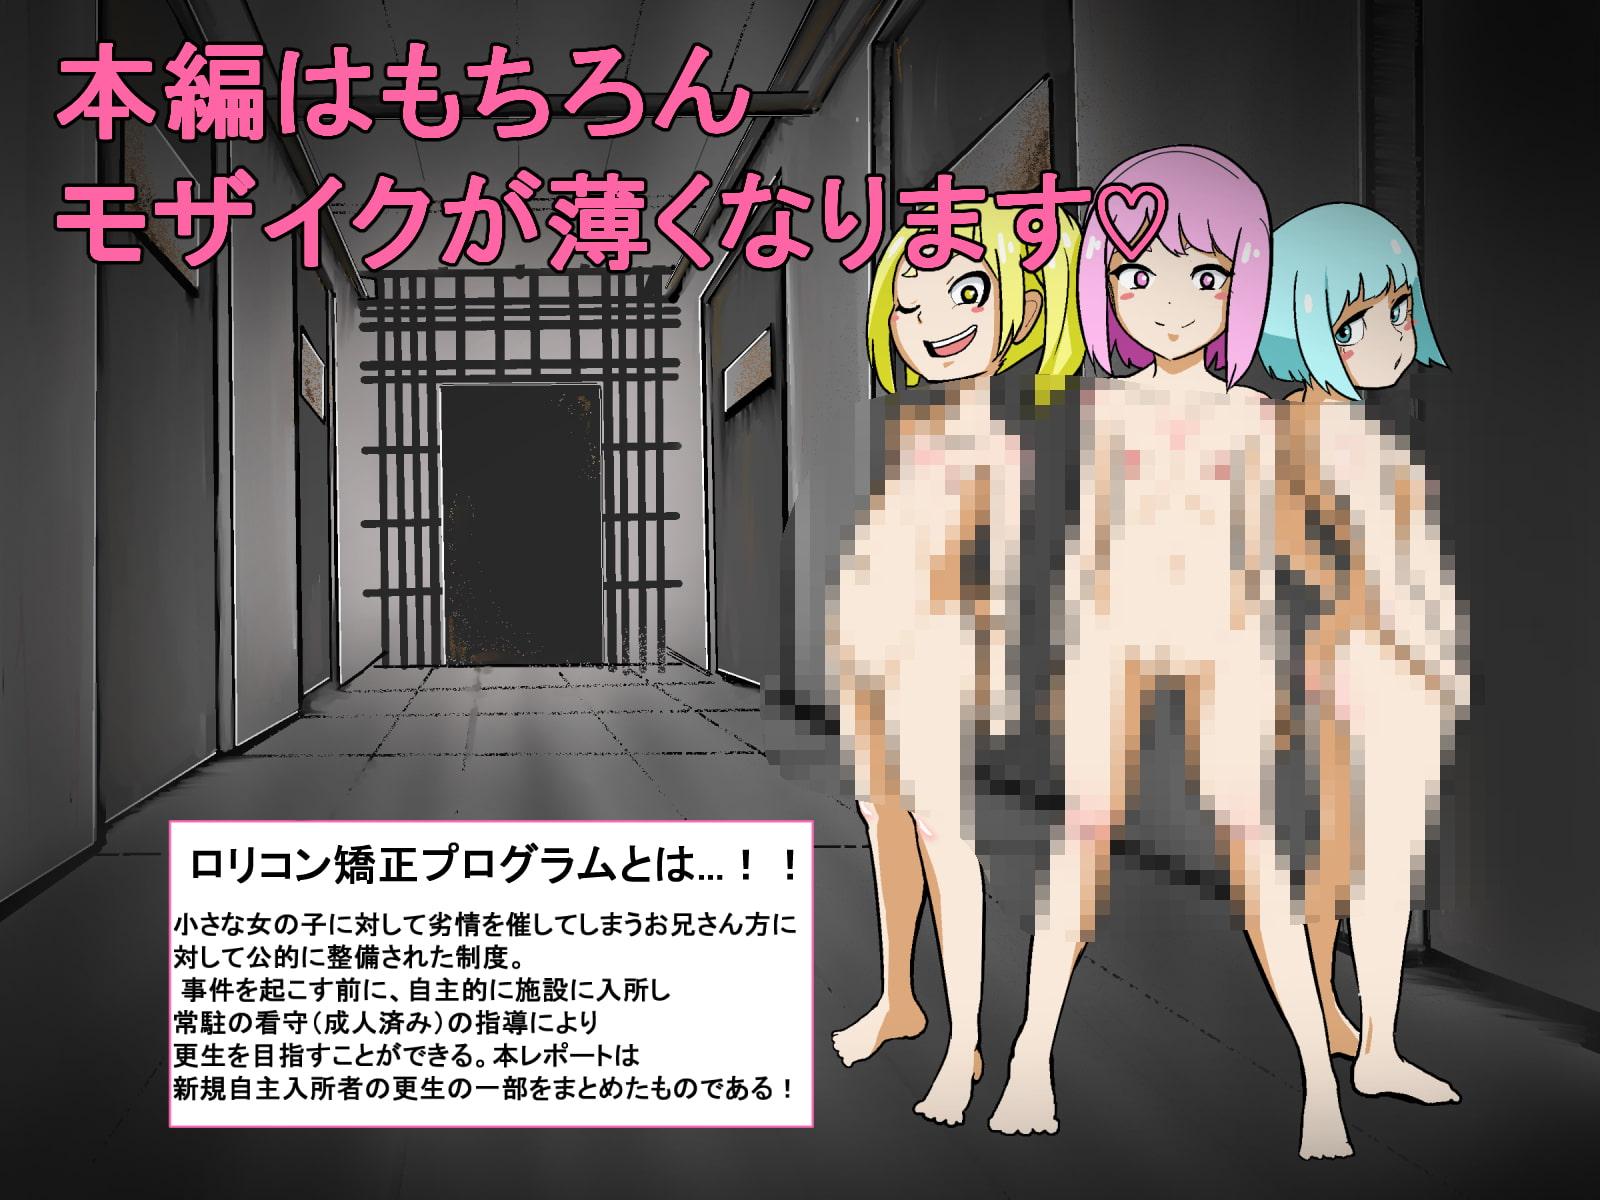 ロリコン矯正プログラム~看守三姉妹射精管理レポート~